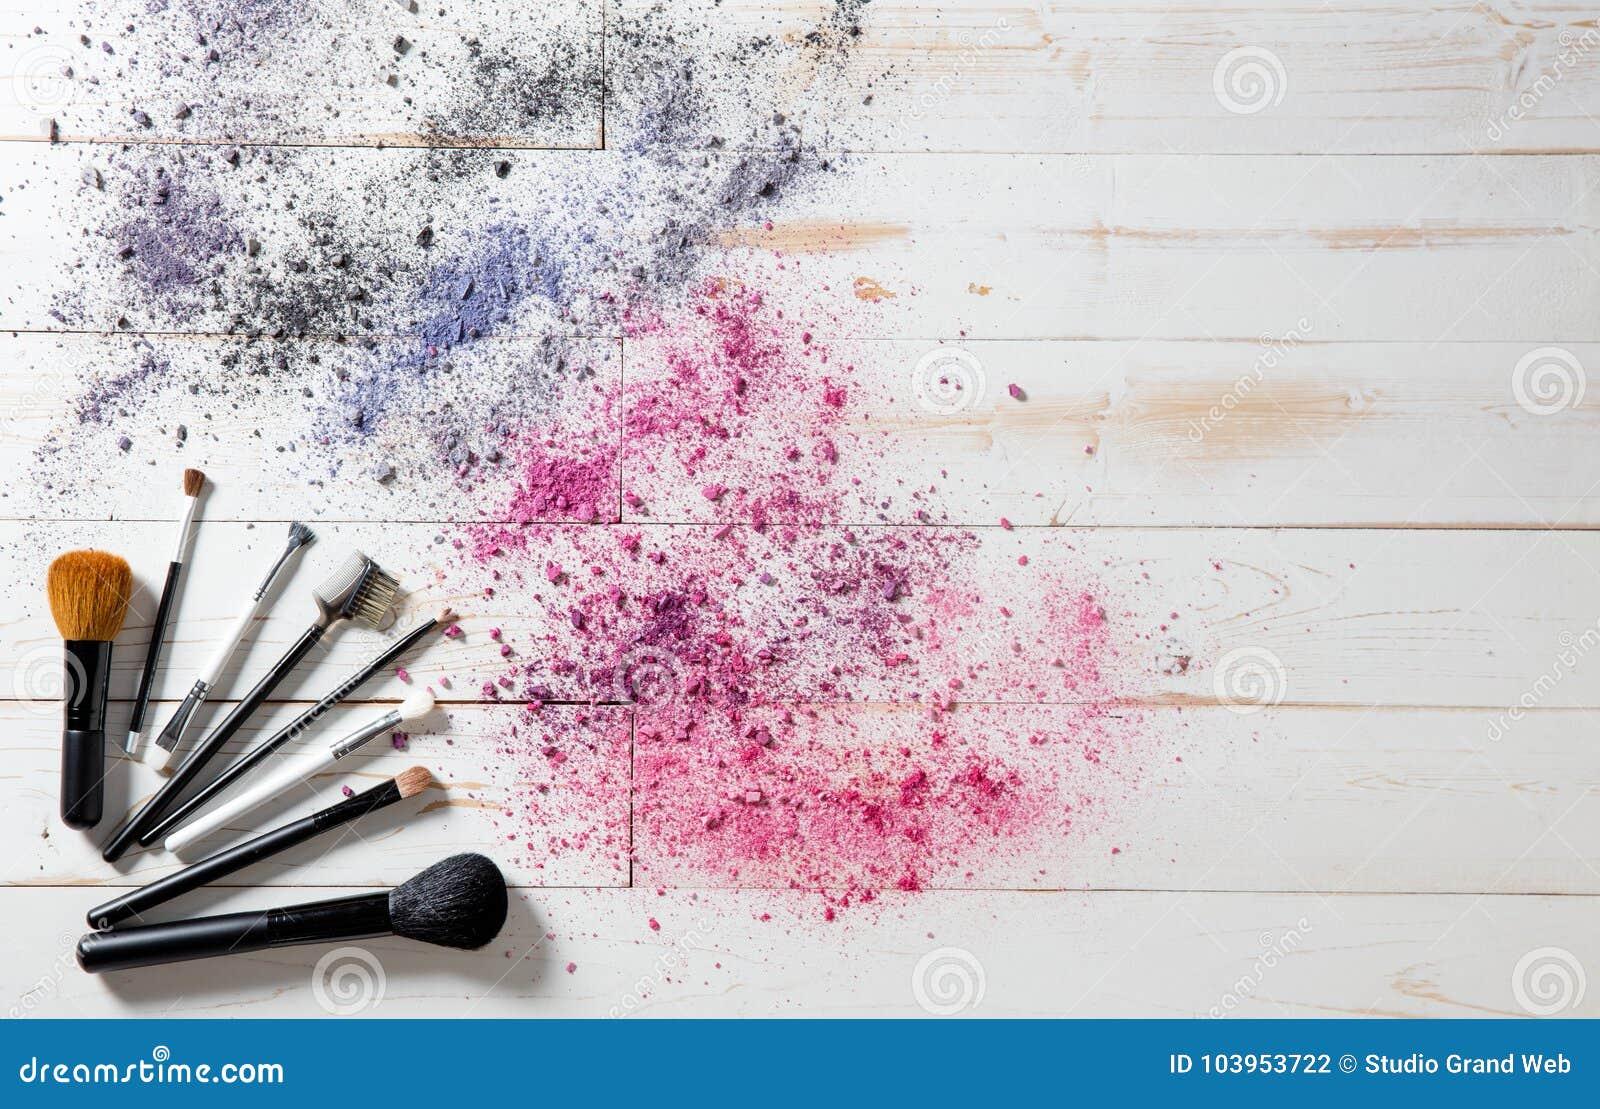 Wallpaper pour les brosses professionnelles de maquillage et de mode et les colorants colorés